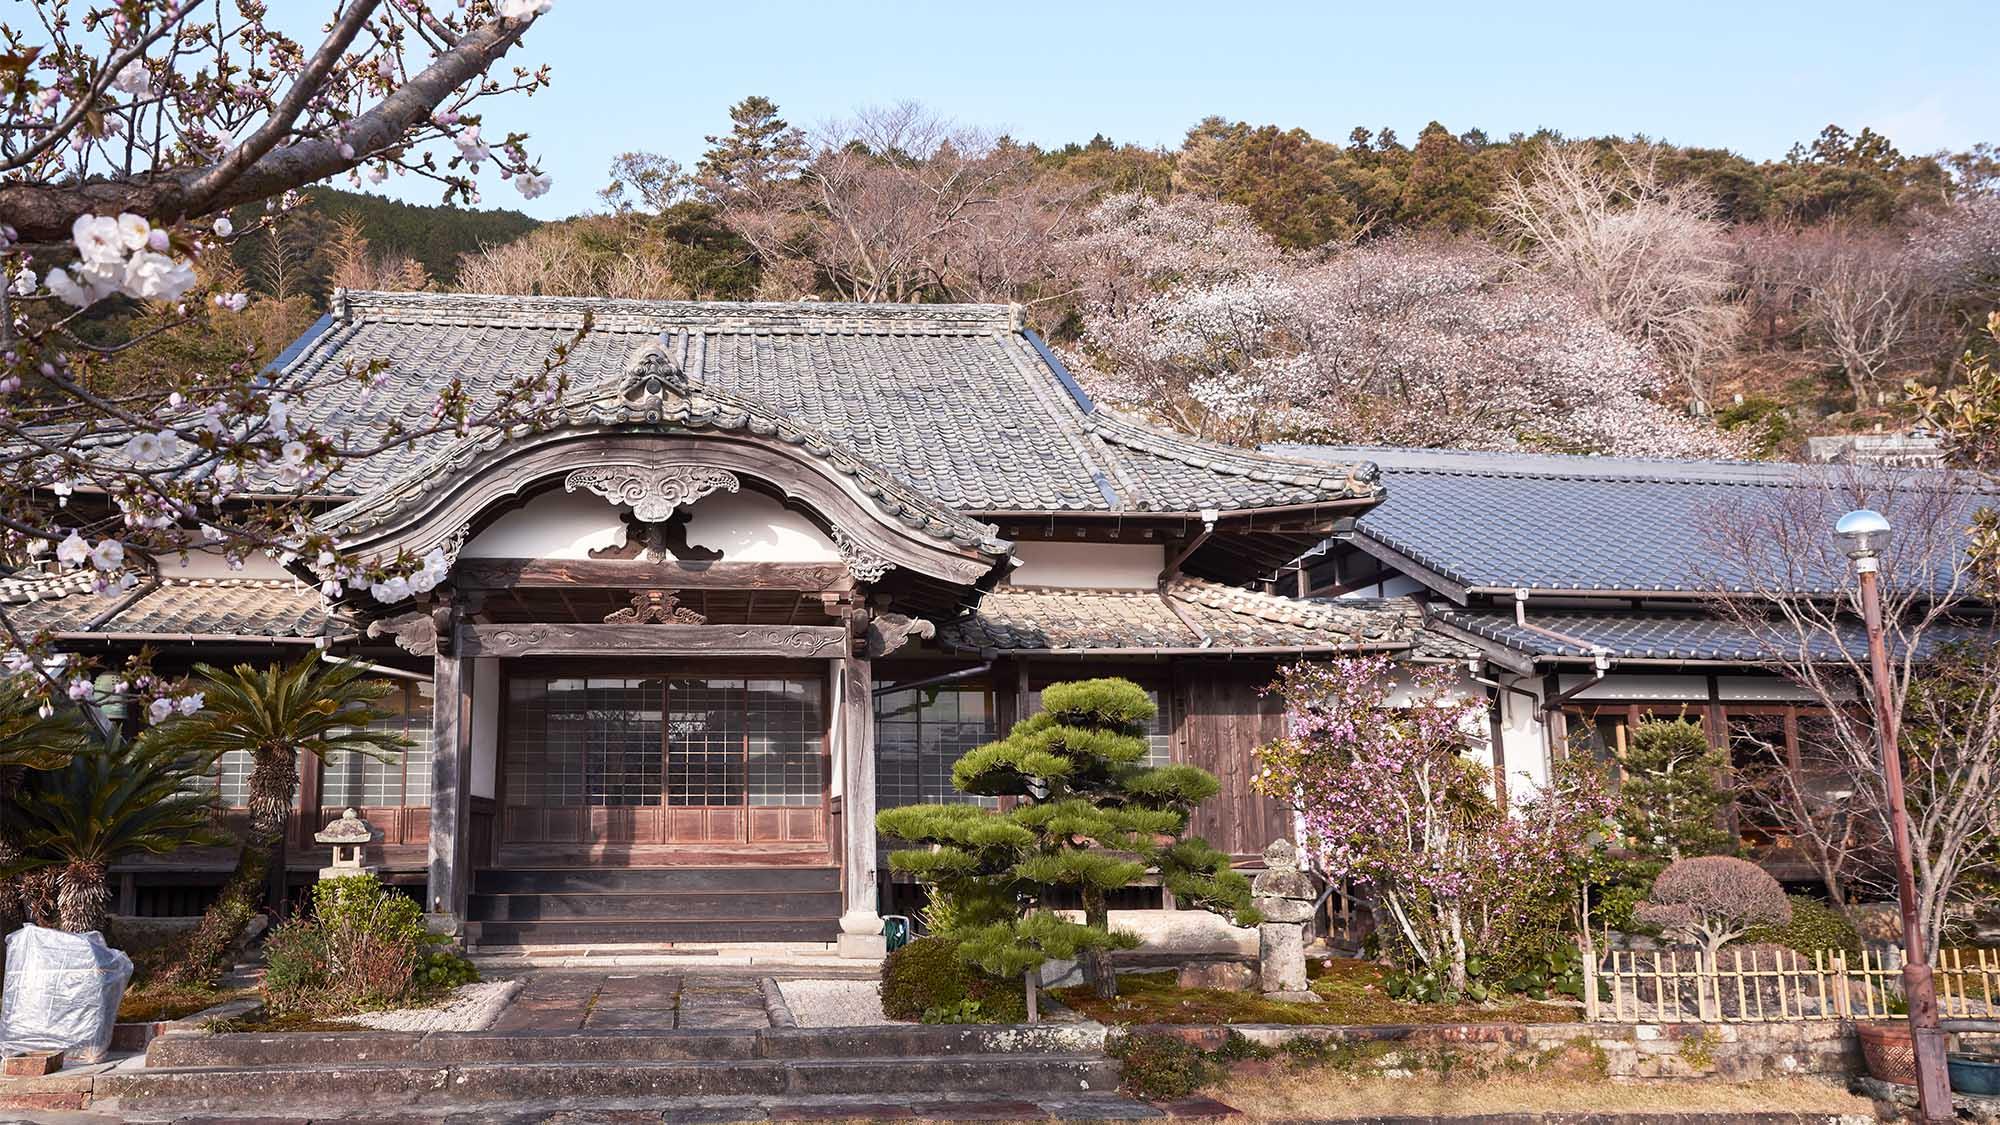 対馬 西山寺◆楽天トラベル